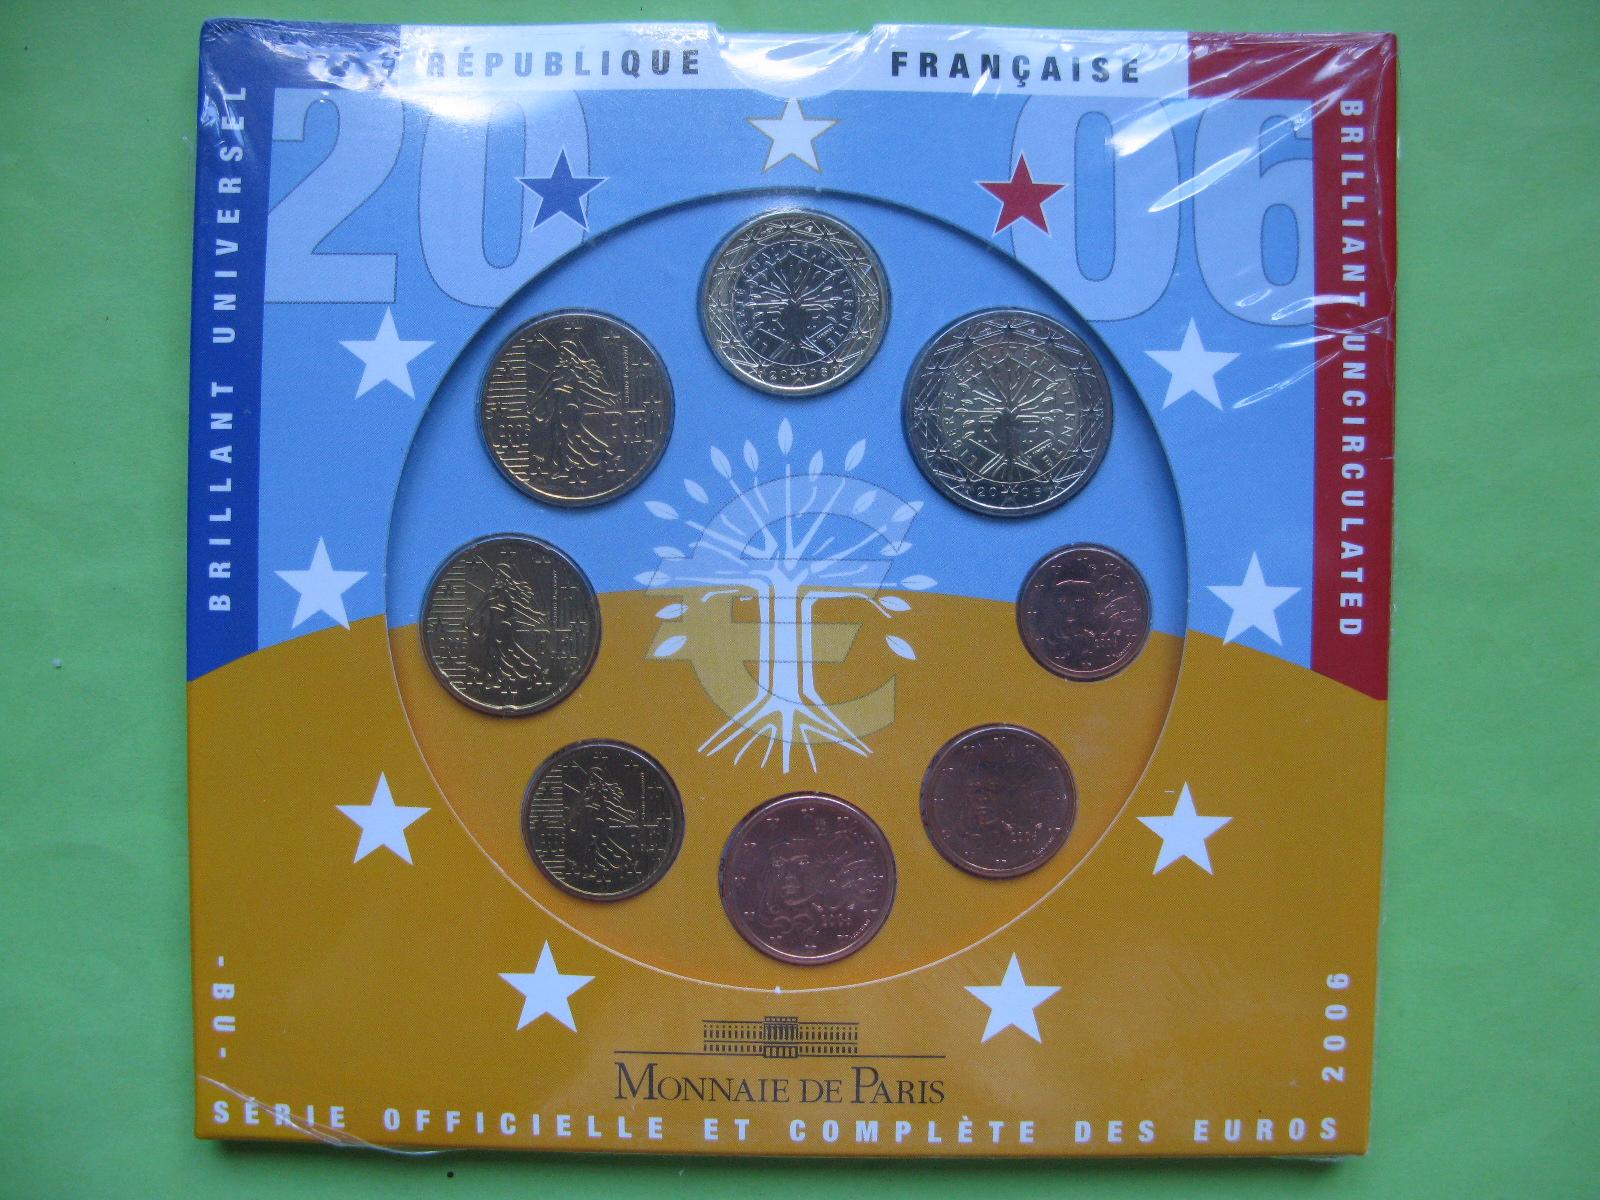 Франция официальный набор евро монет 2006 г.